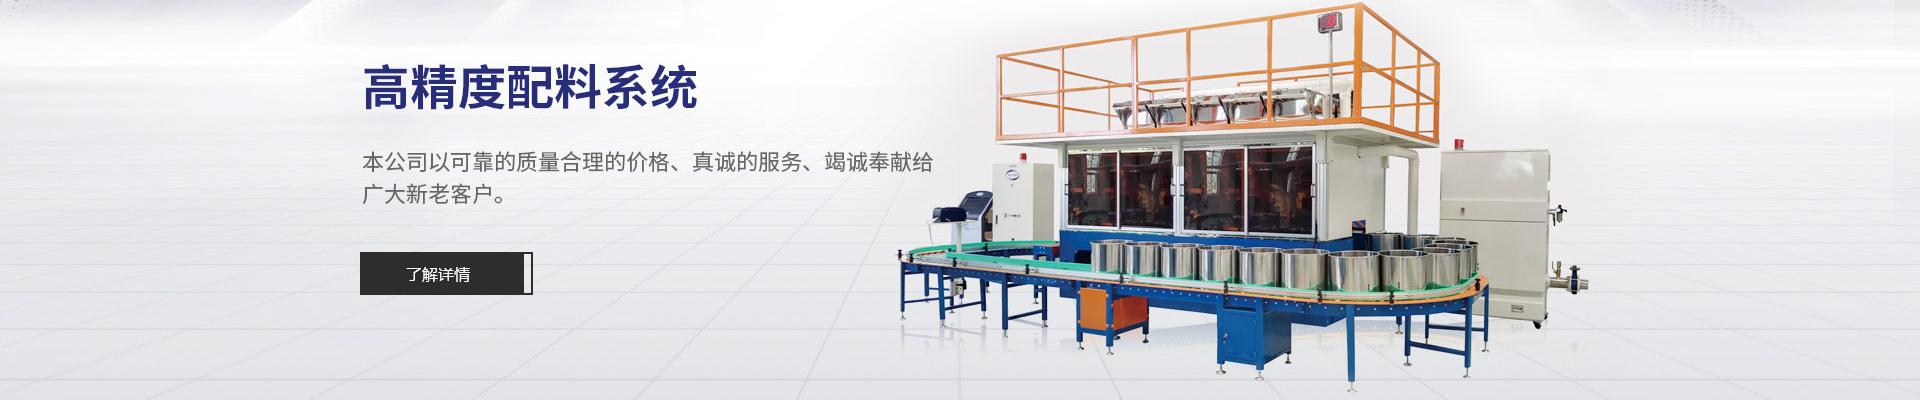 张家港市雷杰机械有限公司